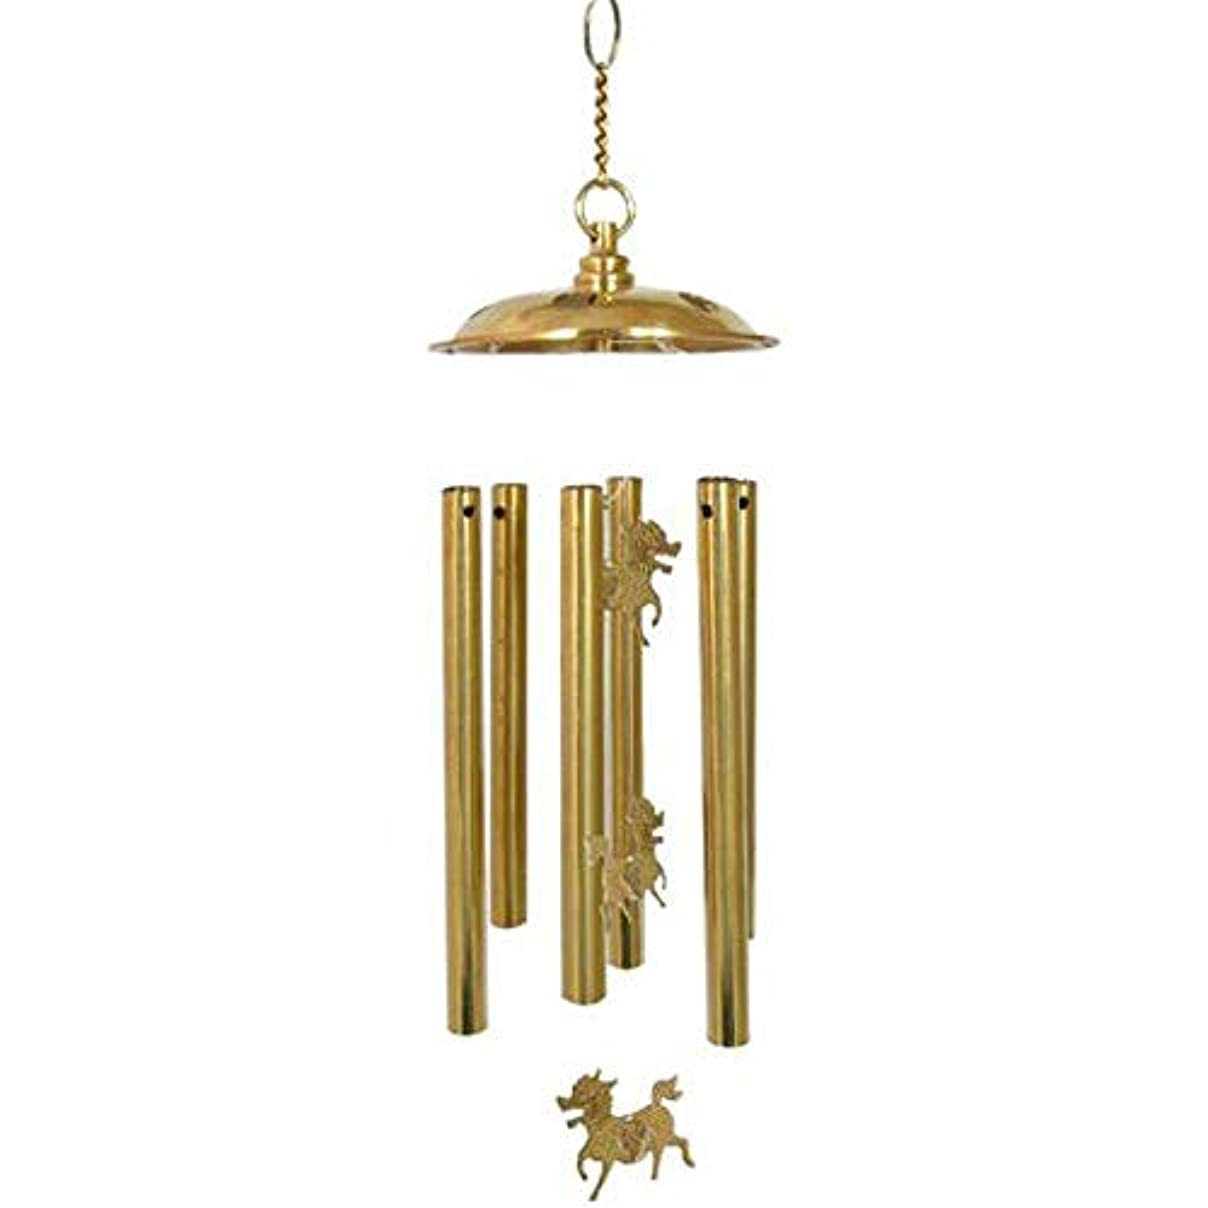 伝染病止まるおっとKaiyitong01 風チャイム、ホーム銅風チャイム、ゴールド、全身について48センチメートル,絶妙なファッション